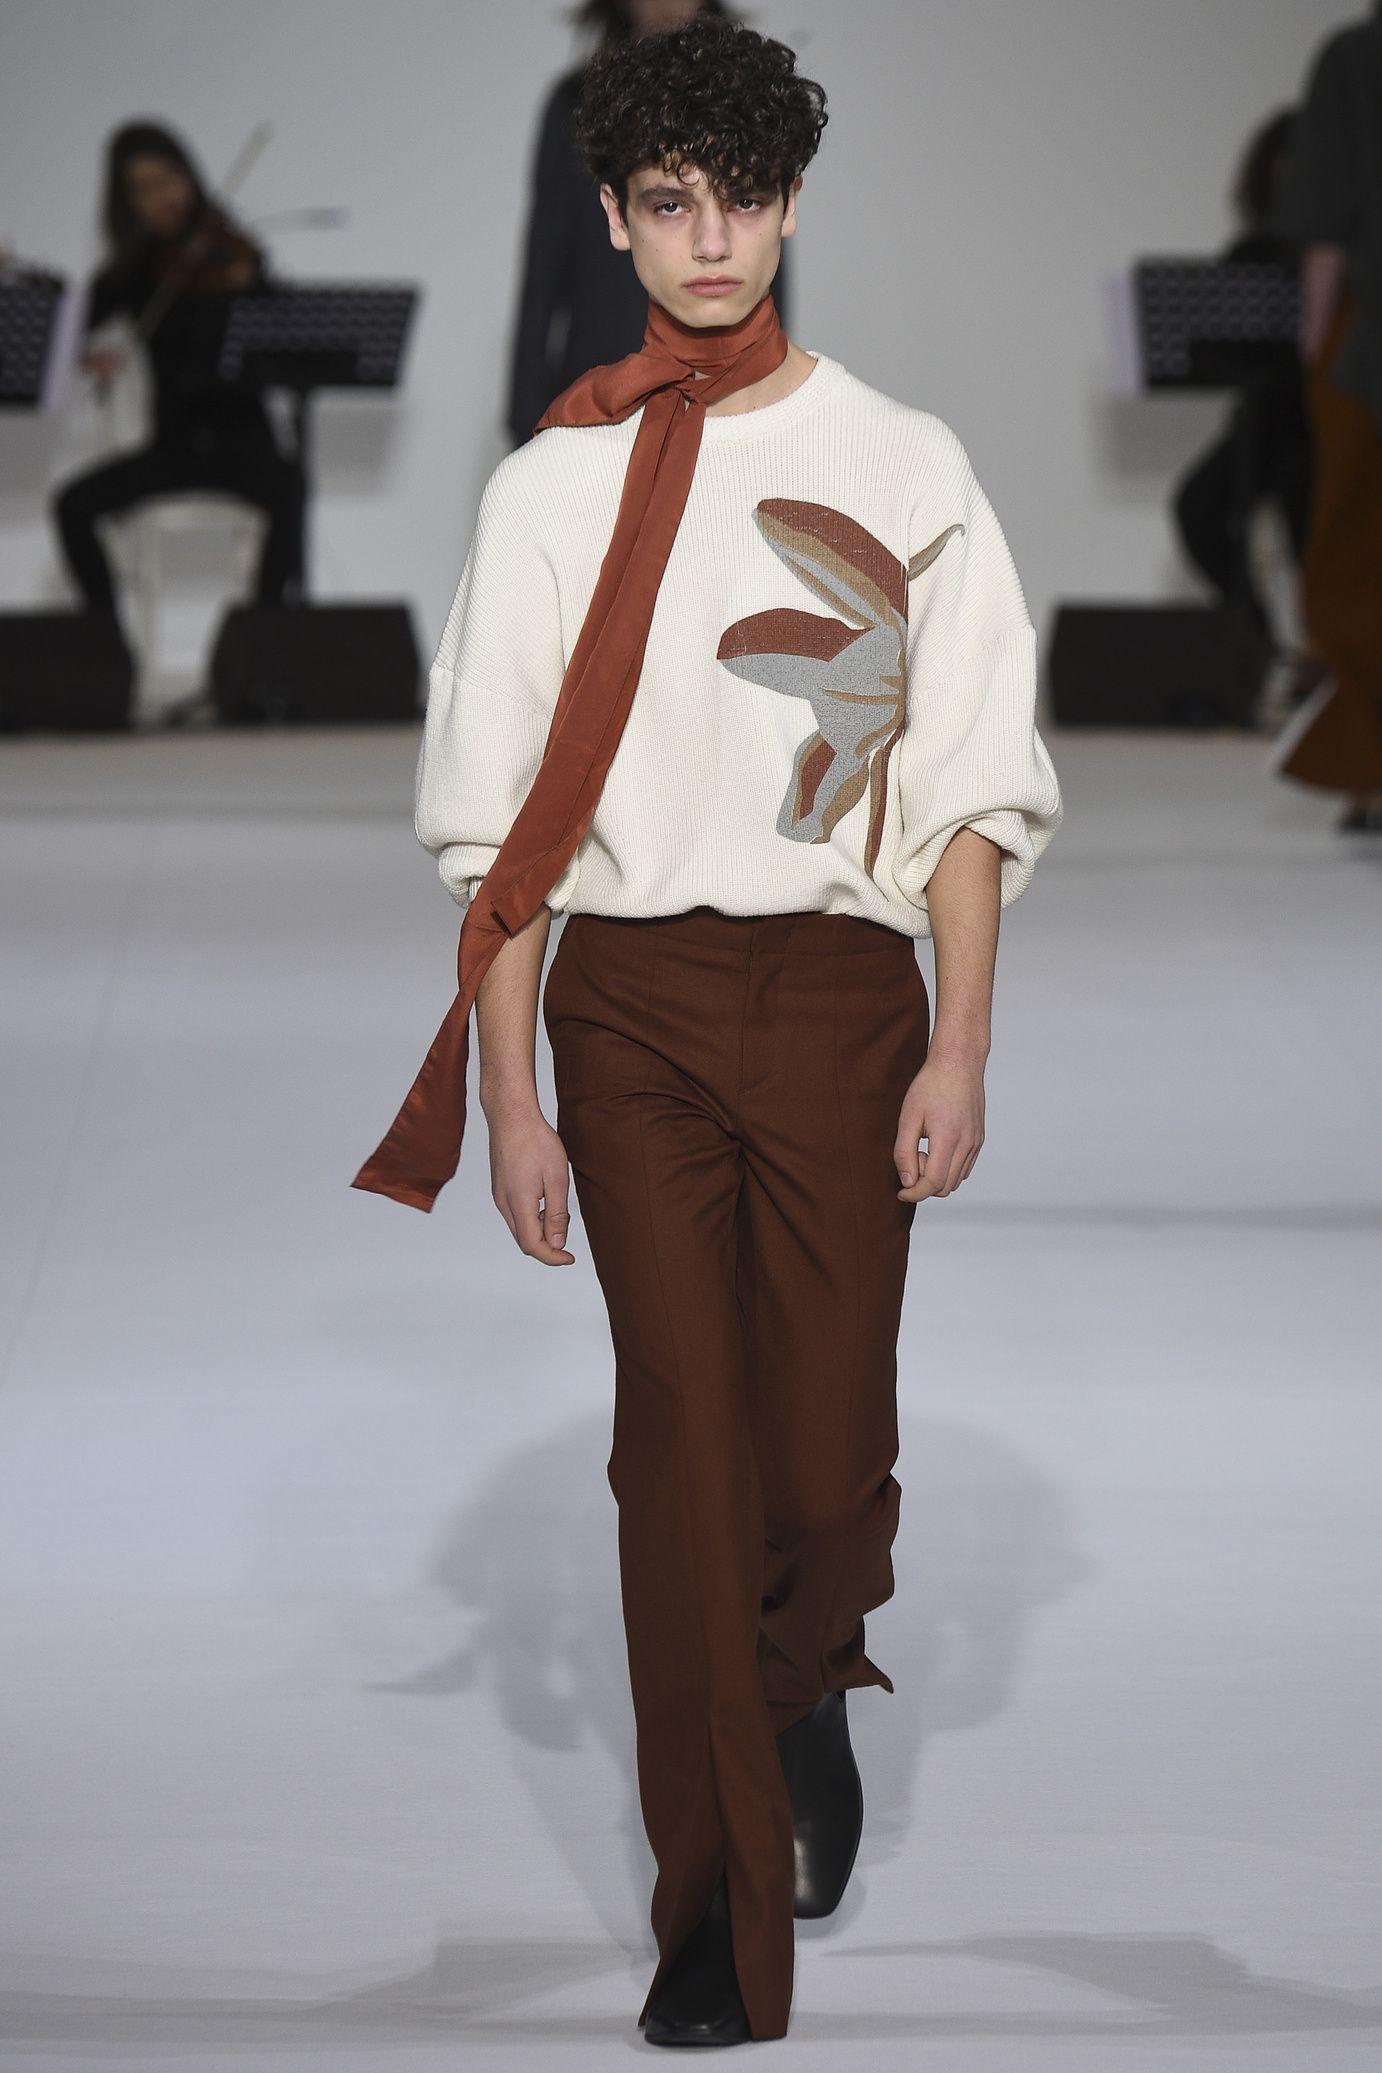 Wooyoungmi Fall/Winter 2016-2017 Menswear Fashion Show